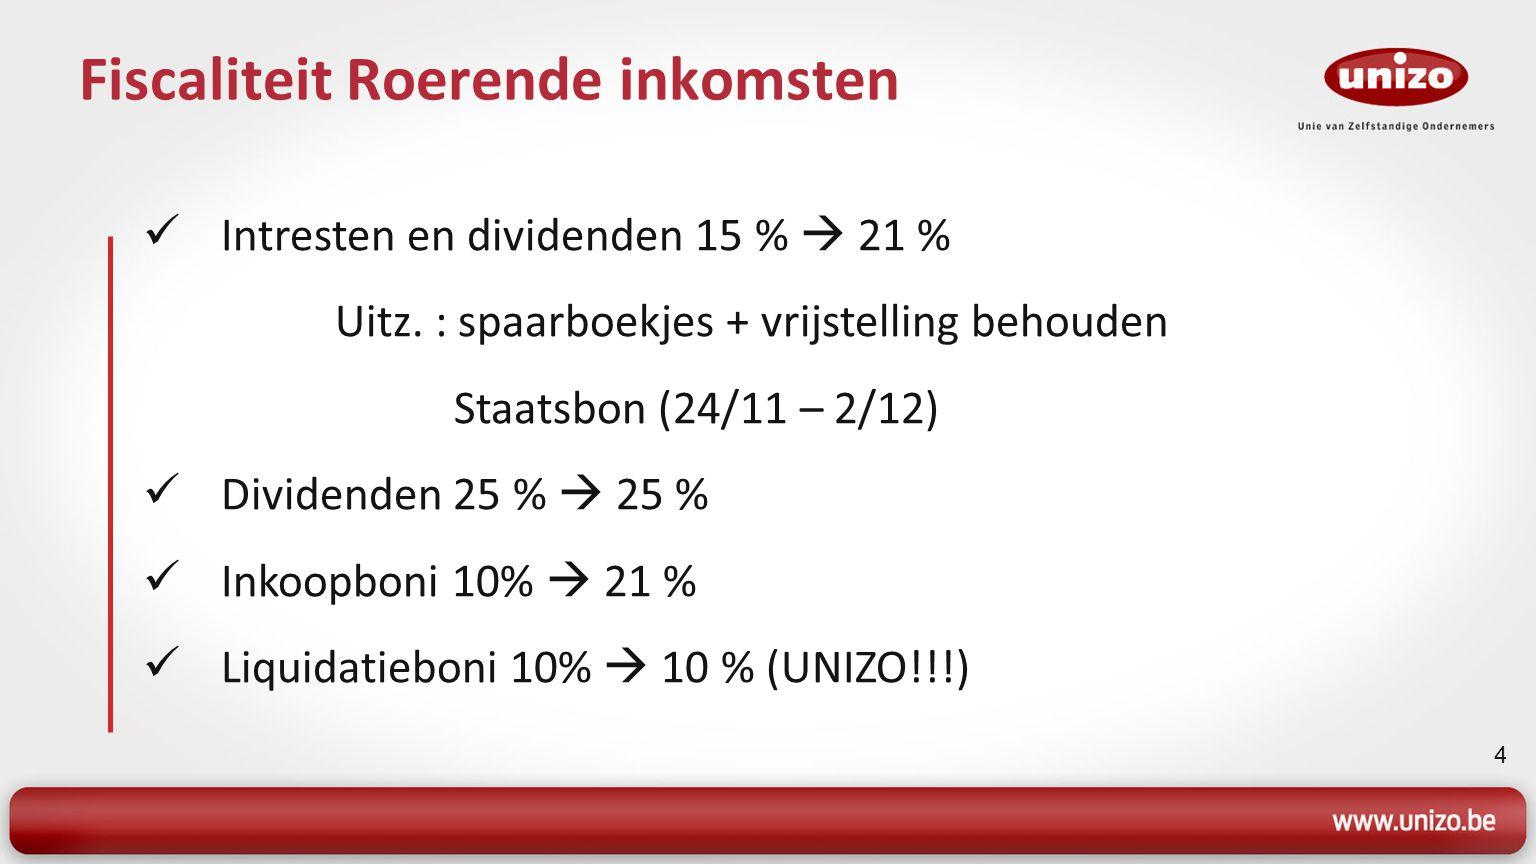 4 Fiscaliteit Roerende inkomsten Intresten en dividenden 15 %  21 % Uitz. : spaarboekjes + vrijstelling behouden Staatsbon (24/11 – 2/12) Dividenden